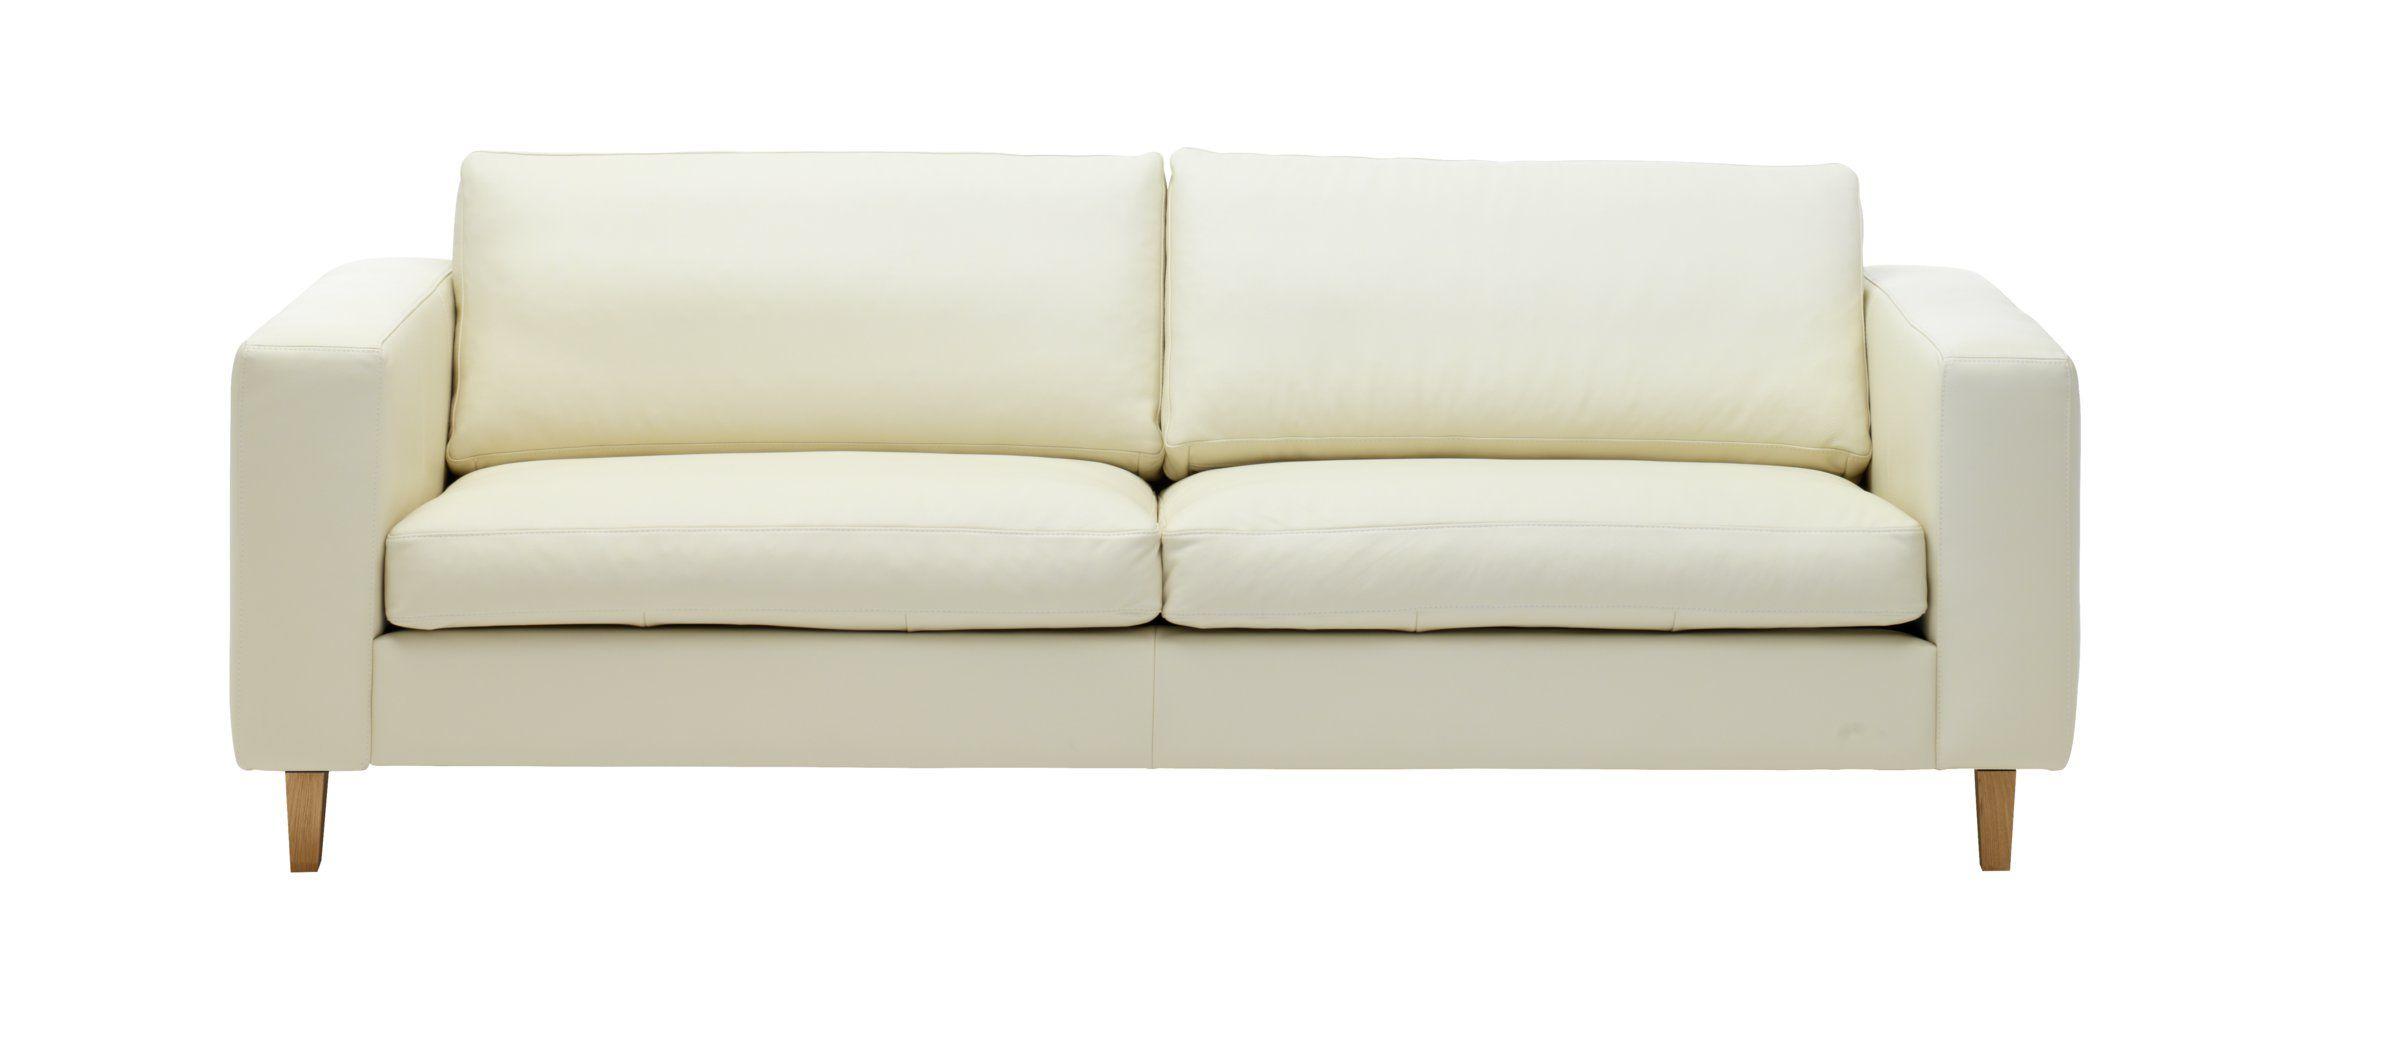 3er Sofa DIENER Modulares Sofasystem individuell konfigurierbar z